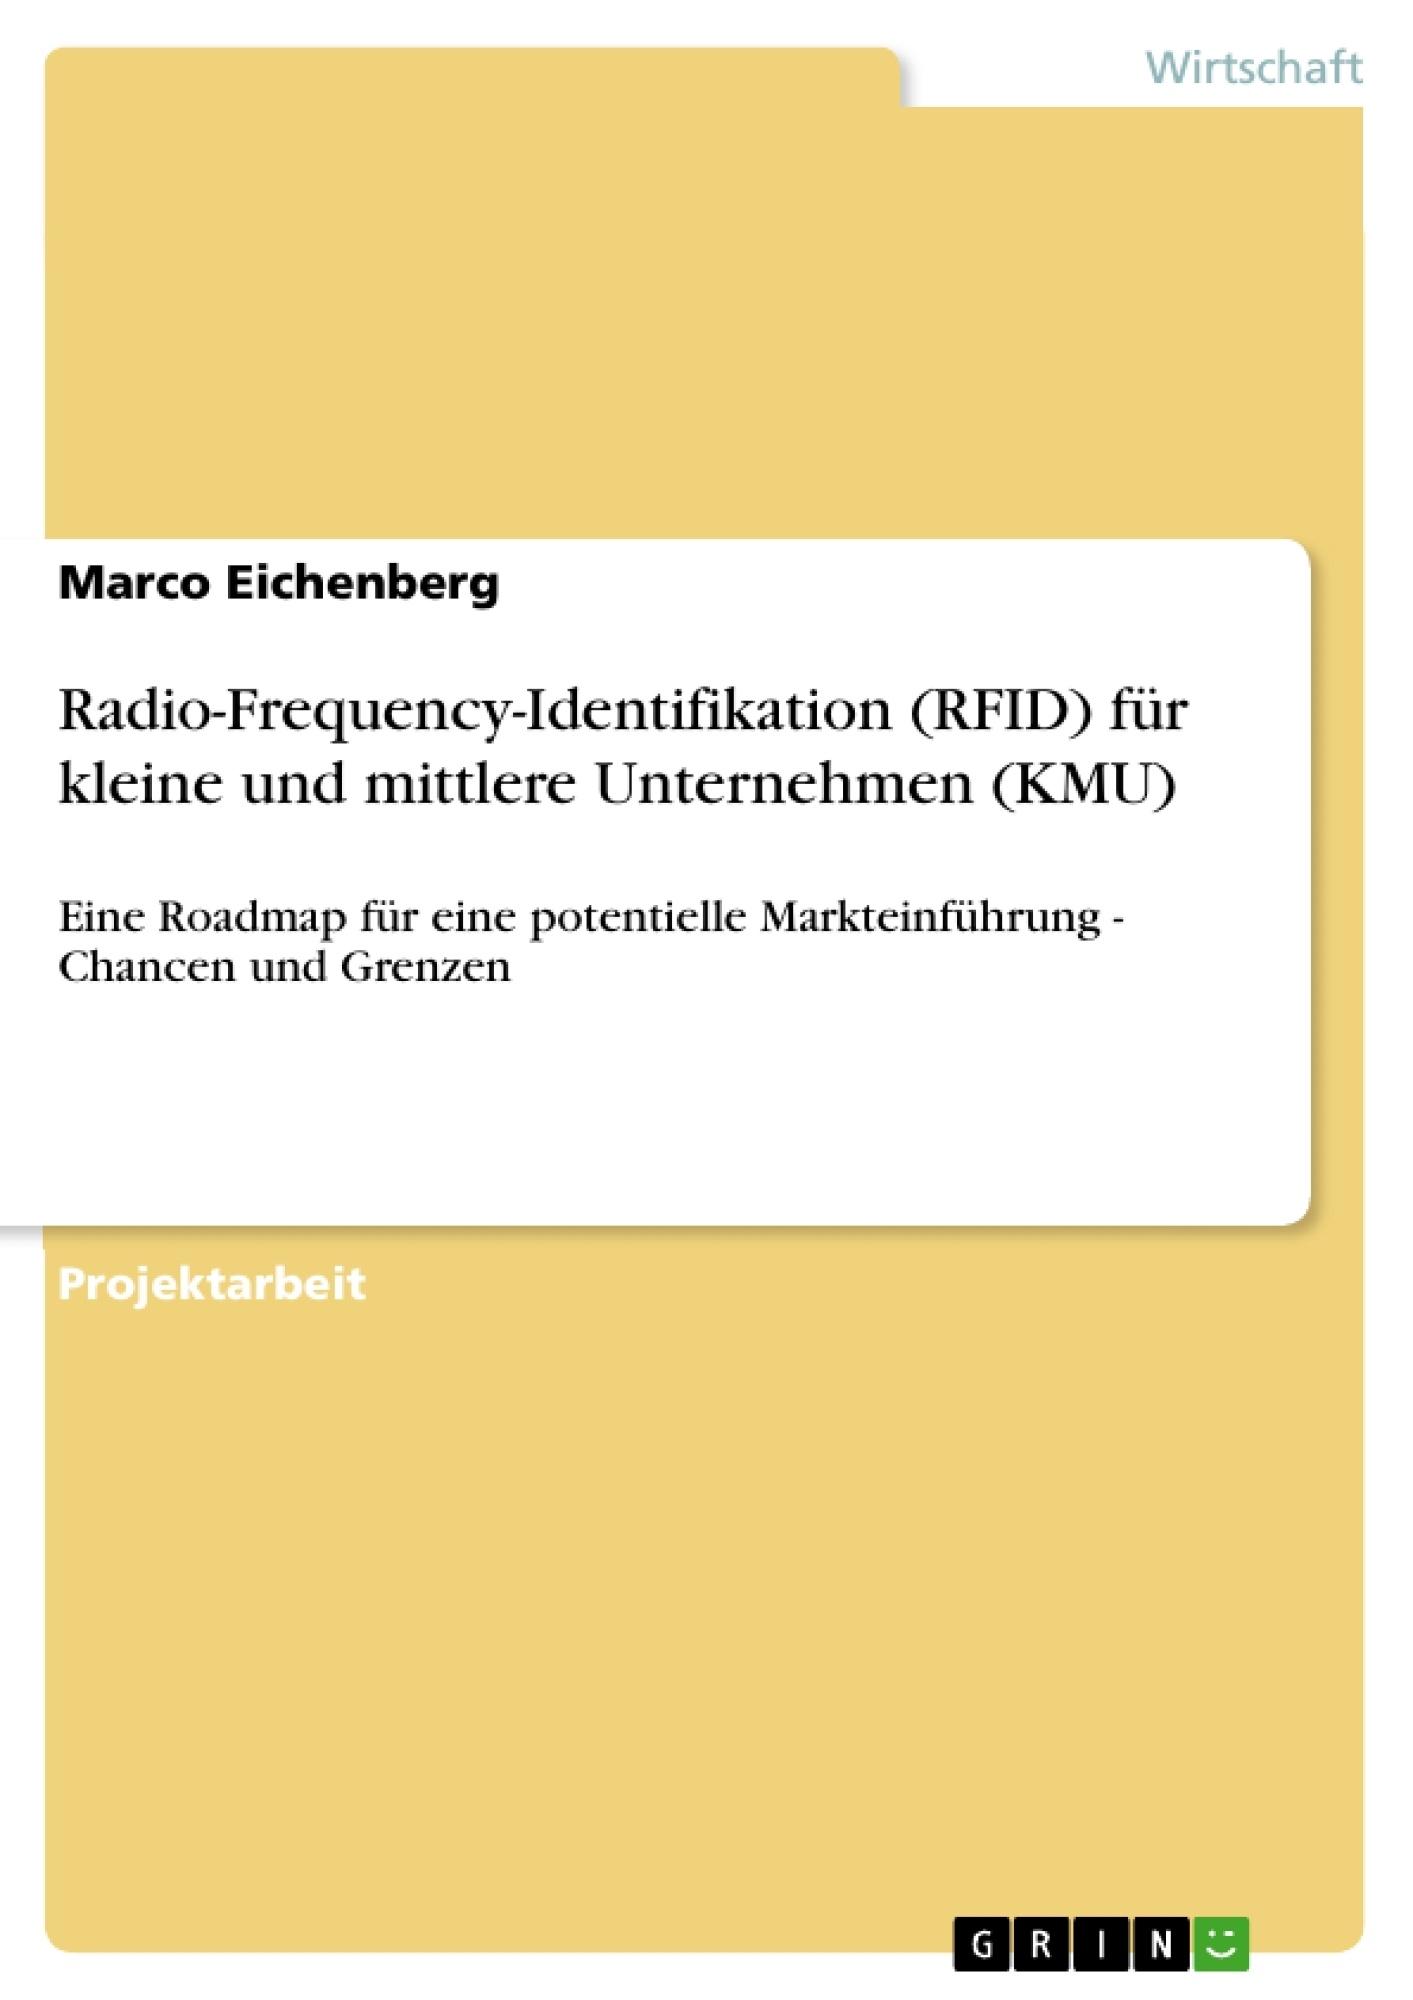 Titel: Radio-Frequency-Identifikation (RFID) für kleine und mittlere Unternehmen (KMU)